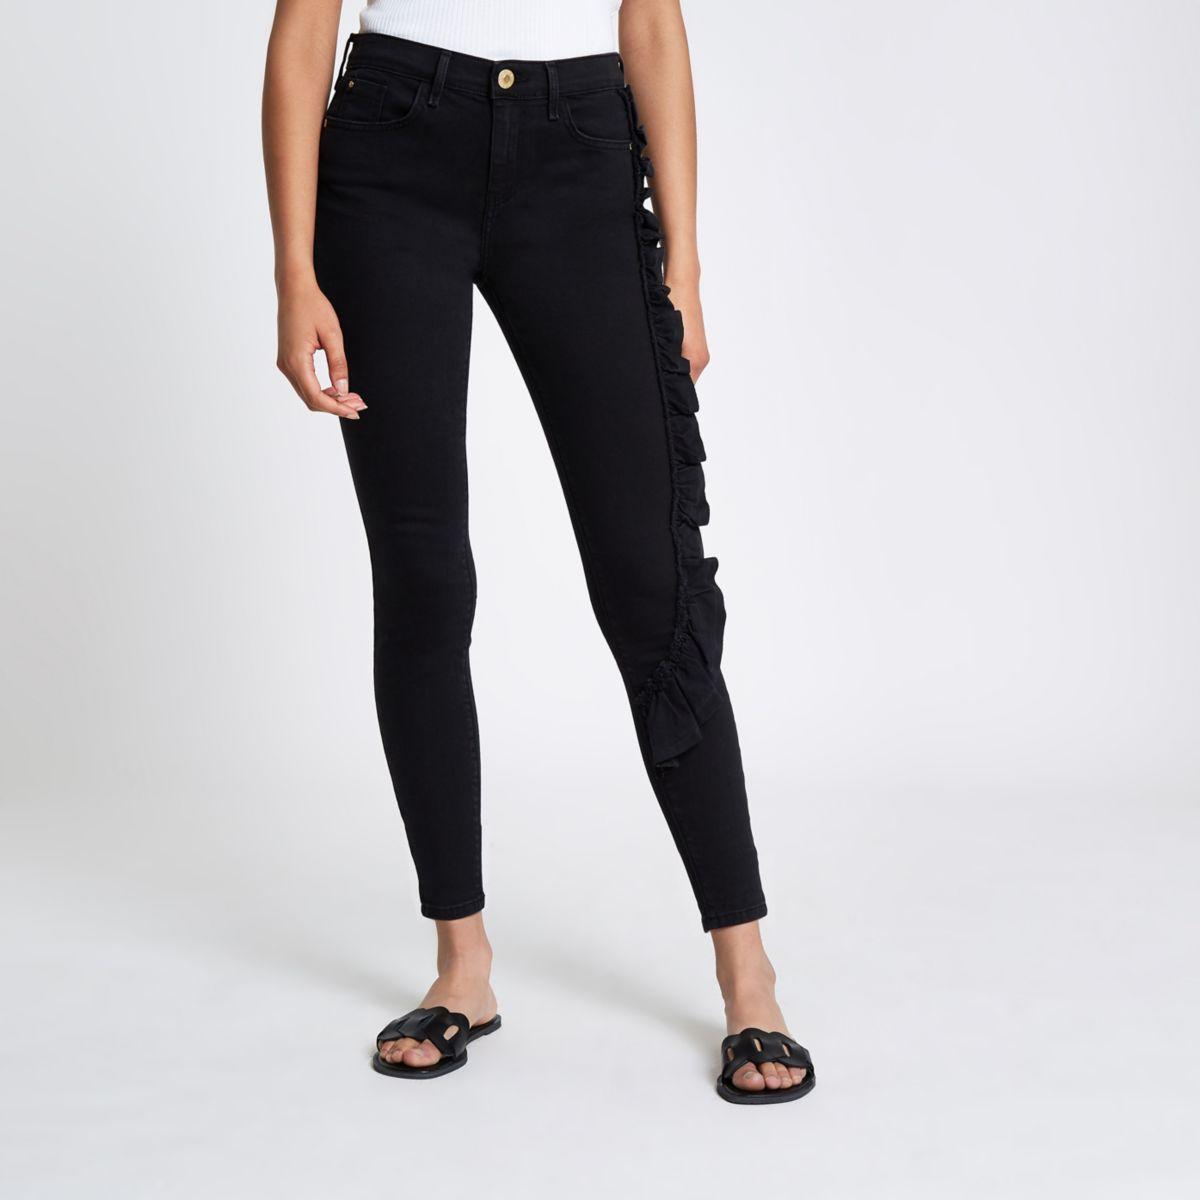 Amelie – Schwarze Superskinny Jeans mit Rüschen